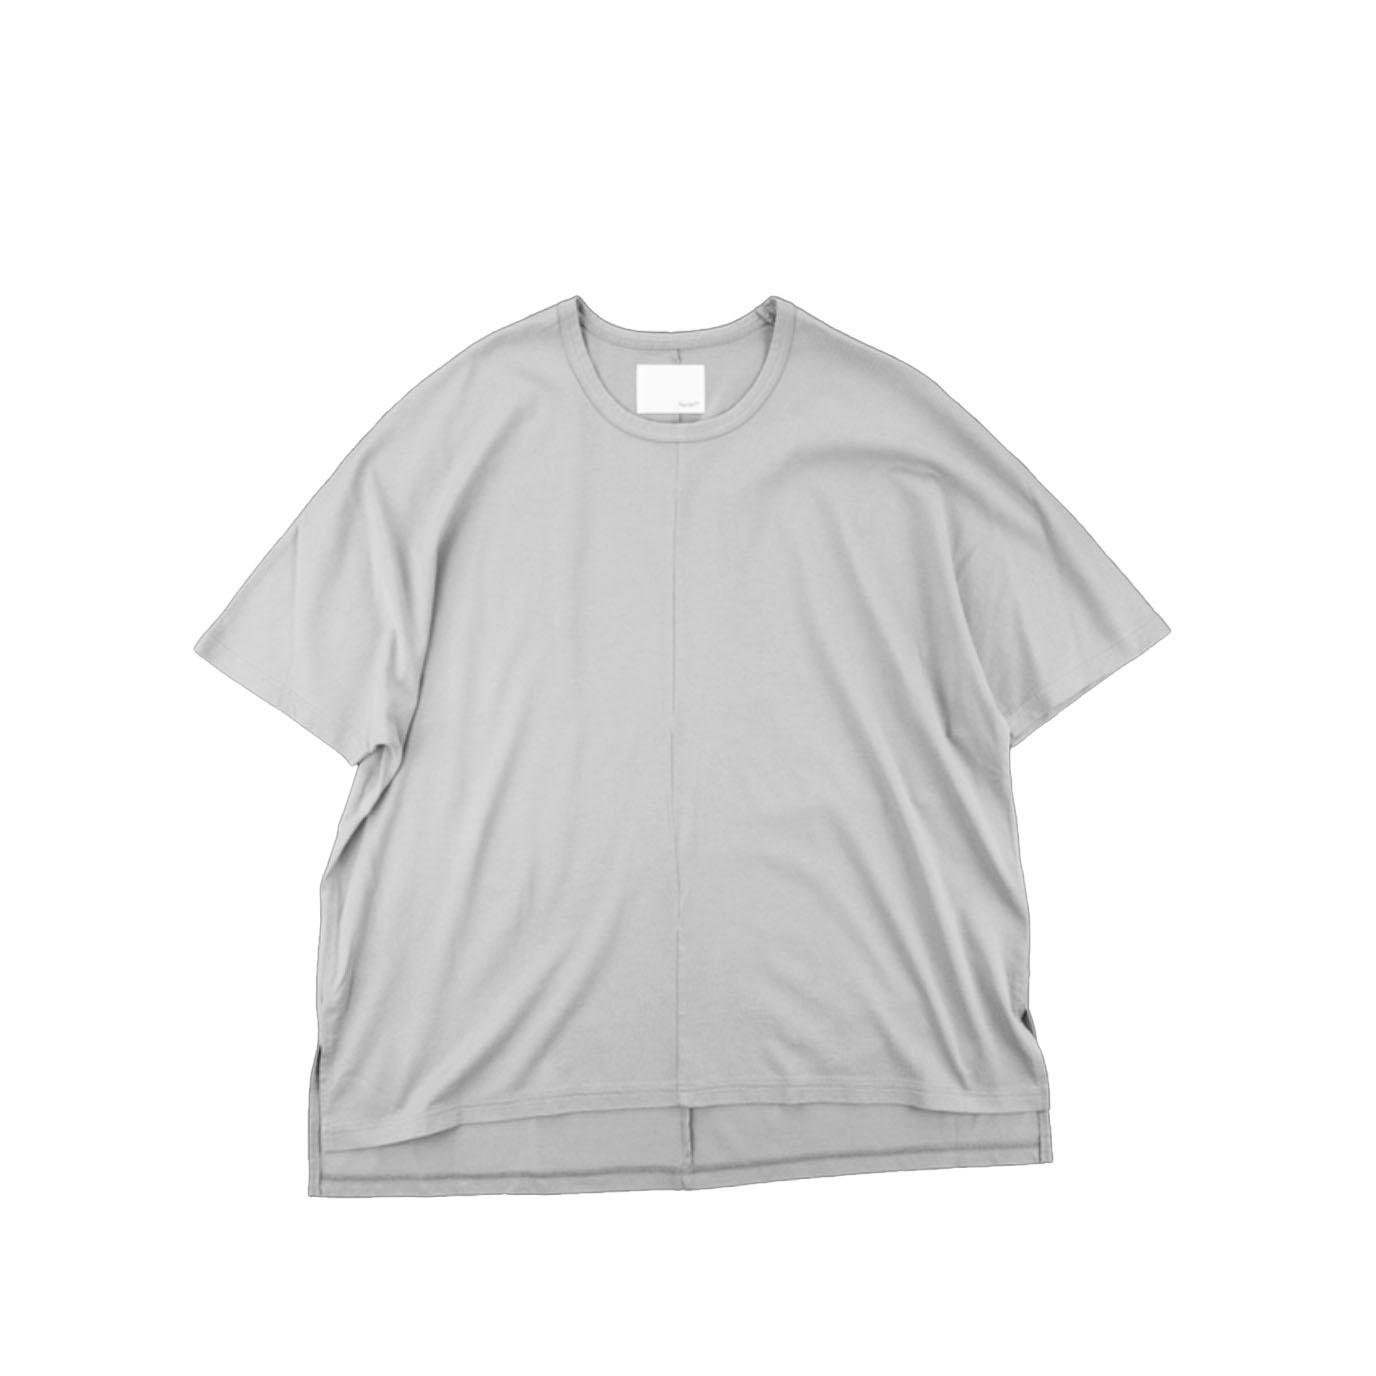 画像1: CENTERLINE T-SHIRTS ASH GRAY (1)